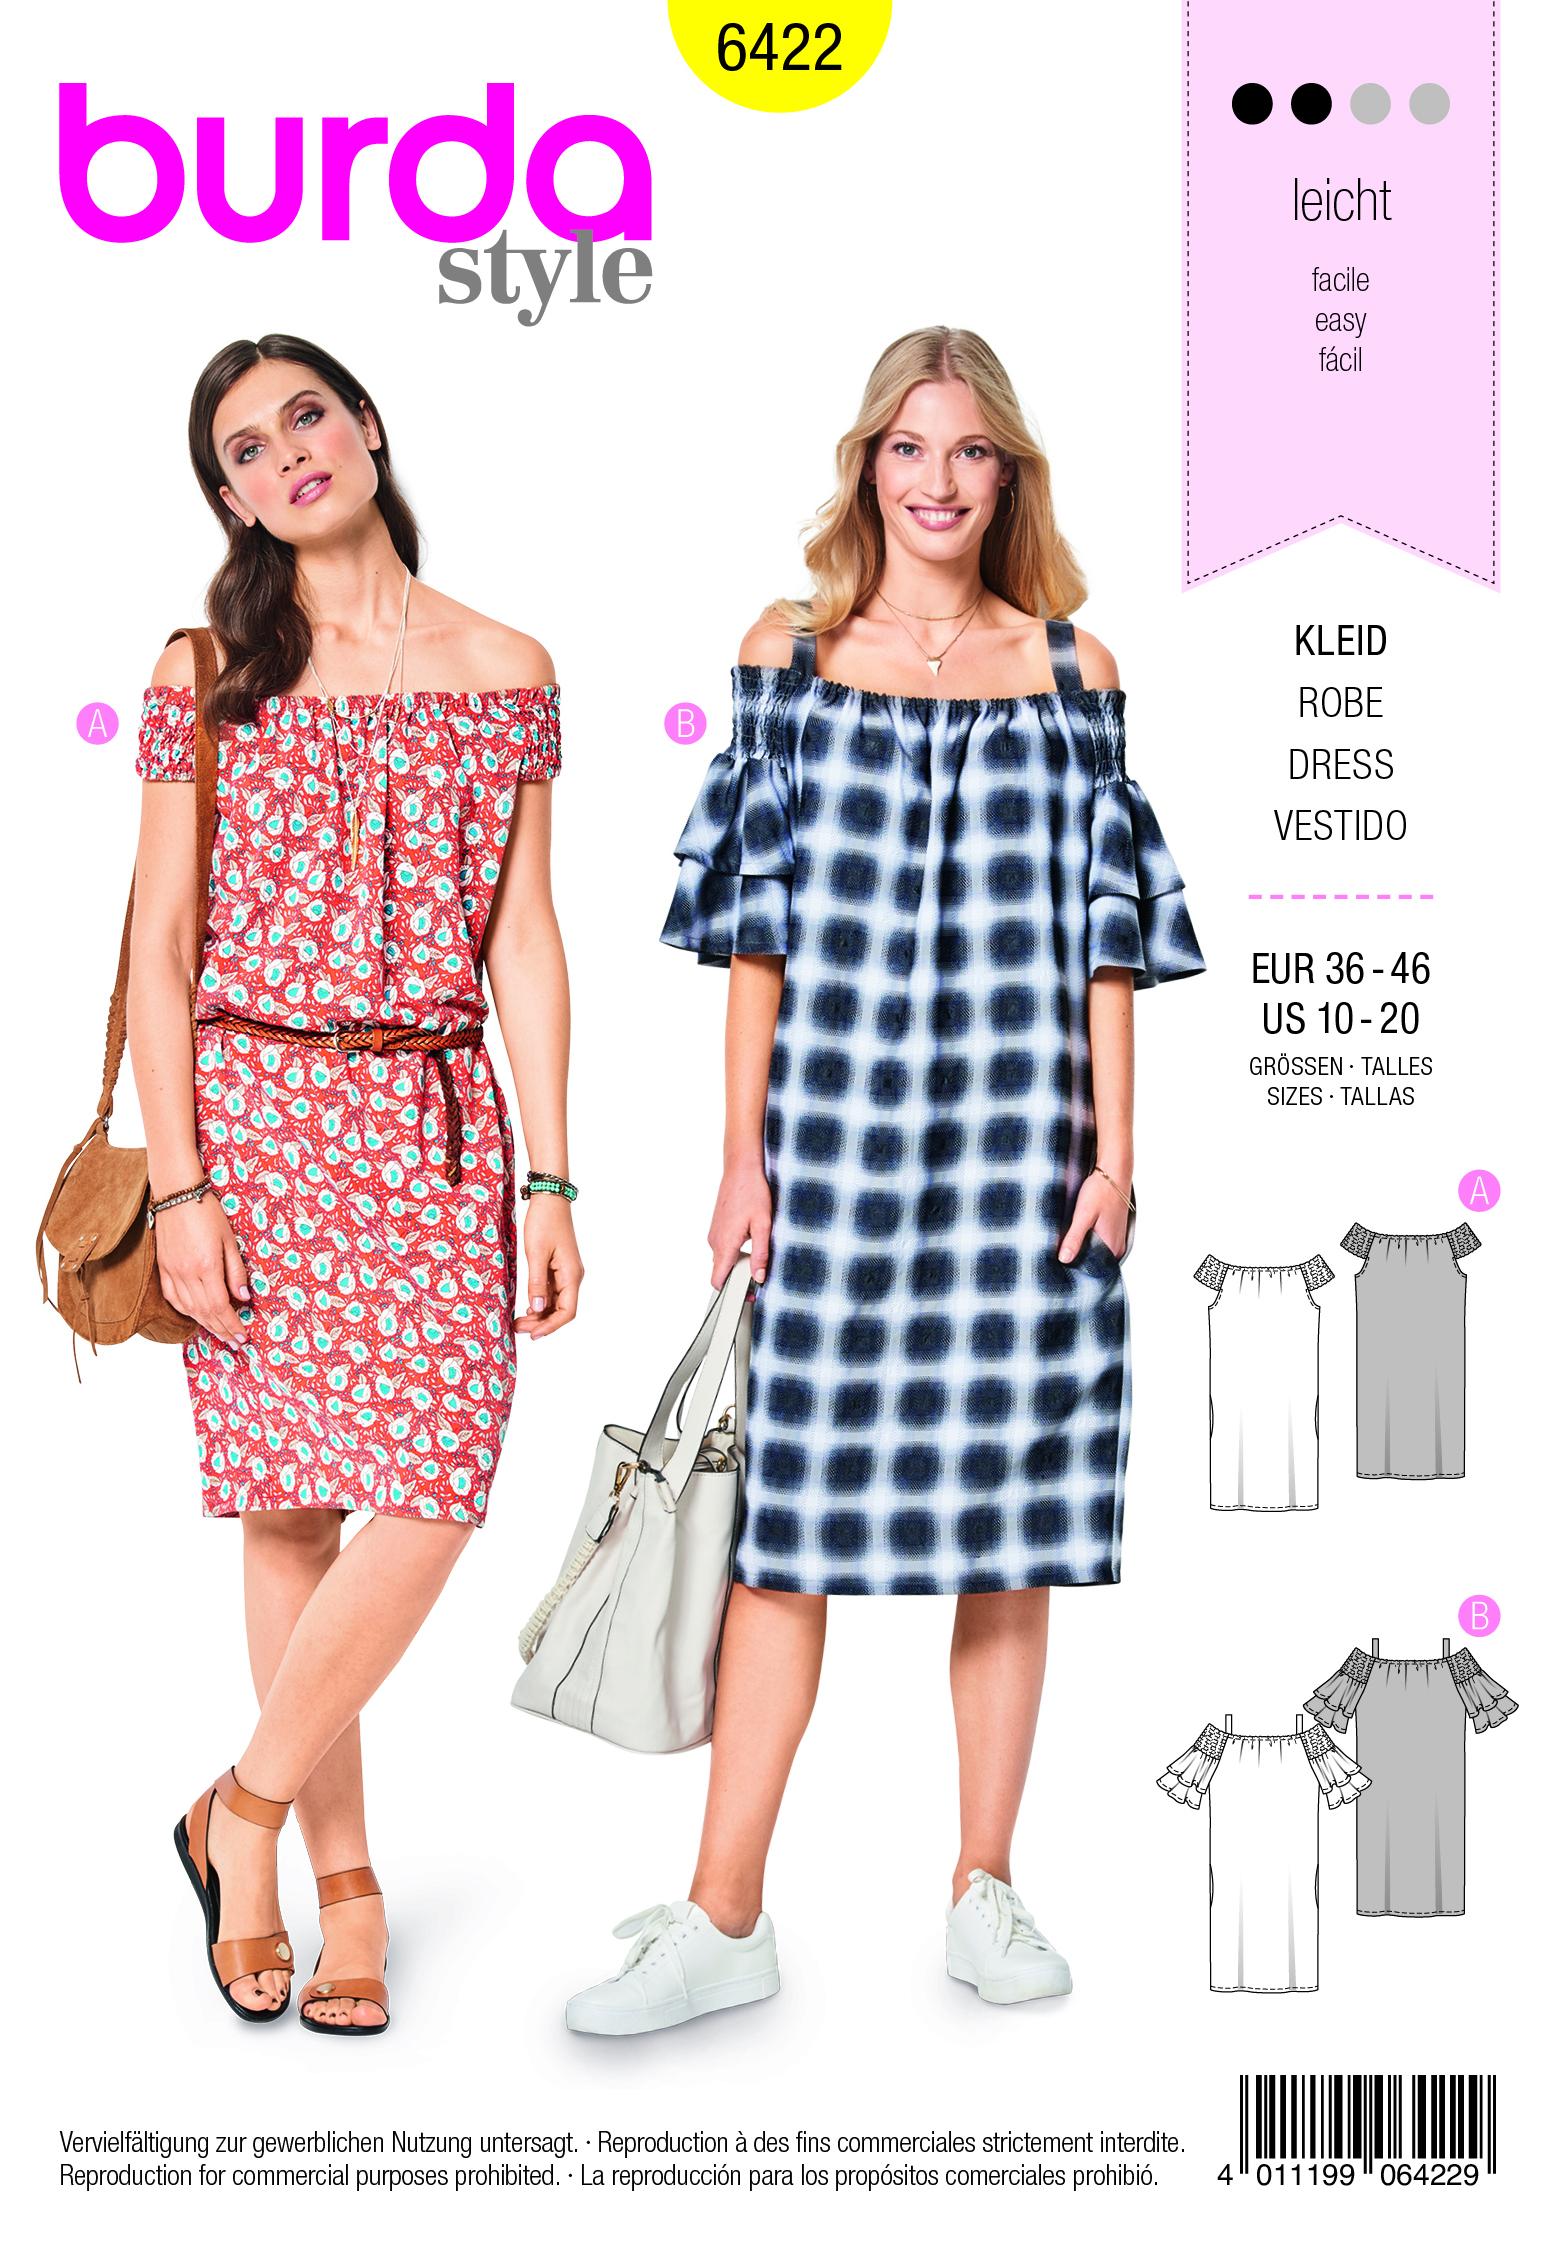 stoffversand | burda kleid - burda schnitte | online kaufen